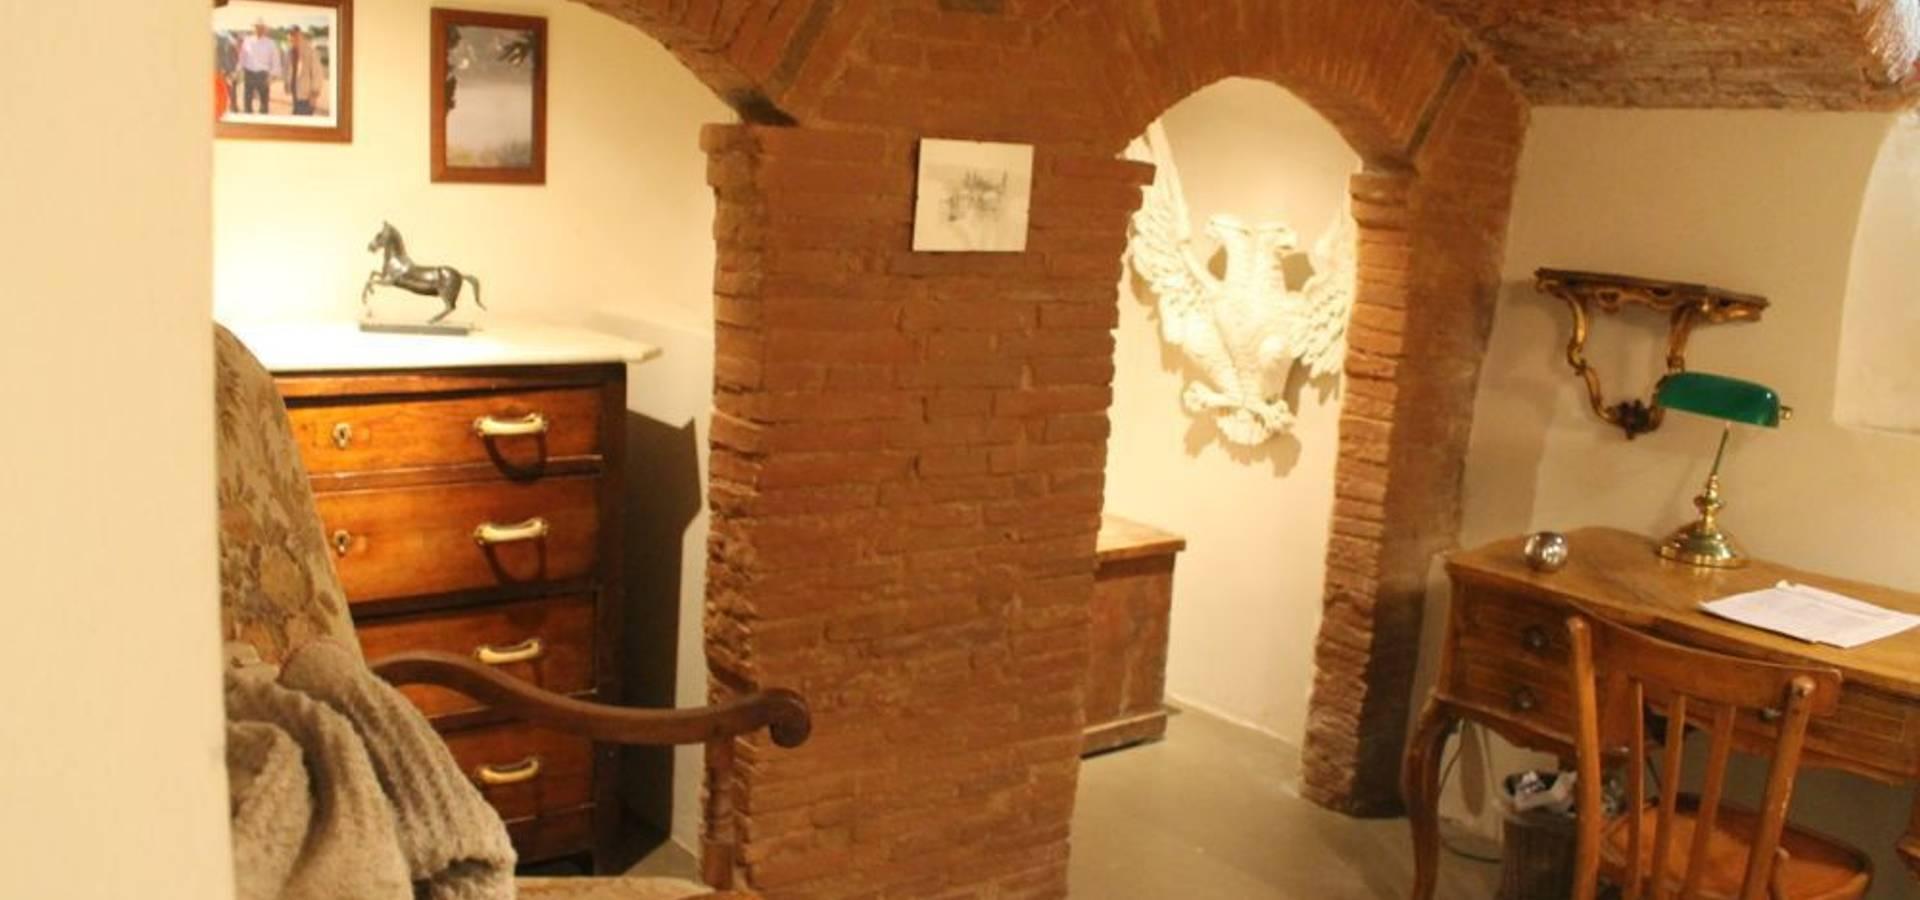 Studio Tecnico Progettisti Associati Ing. Marani Marco & Arch. Dei Claudia